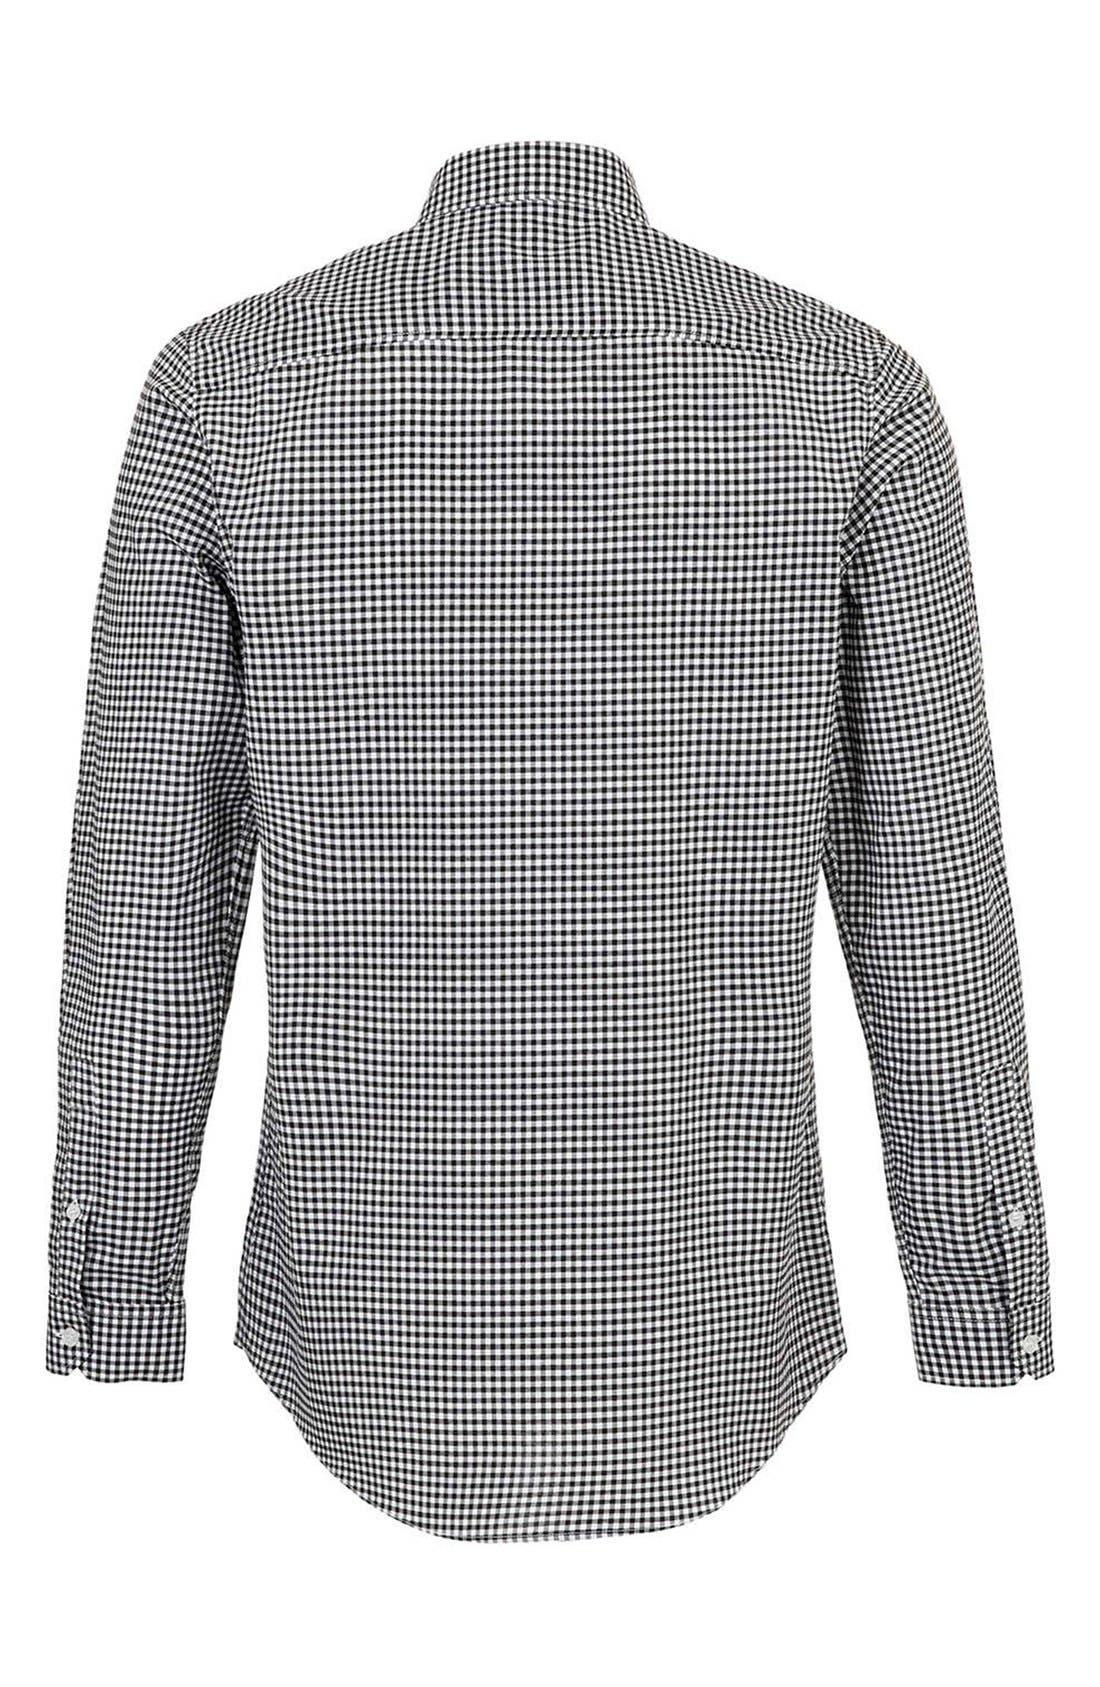 Alternate Image 2  - Topman Slim Fit Gingham Shirt